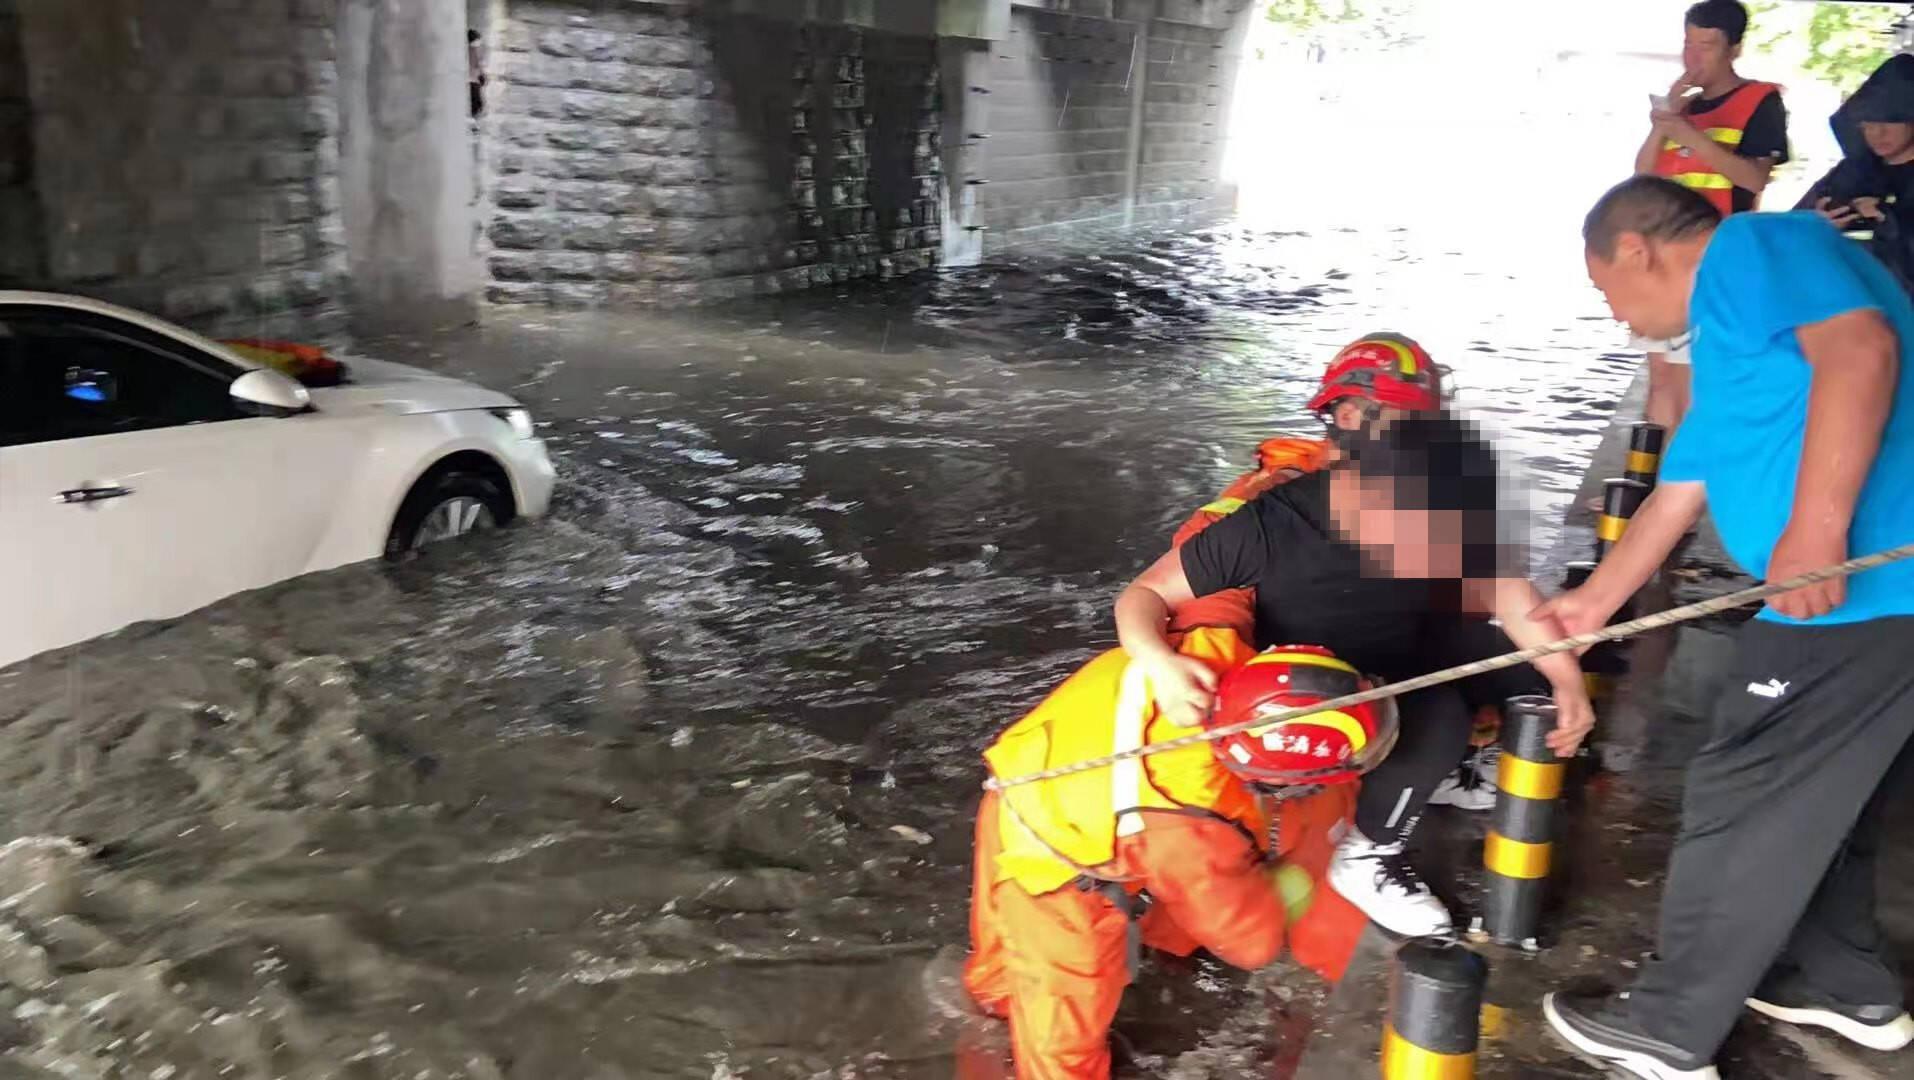 济宁邹城一汽车积水中熄火,山东这些地方降下暴雨,局地大暴雨